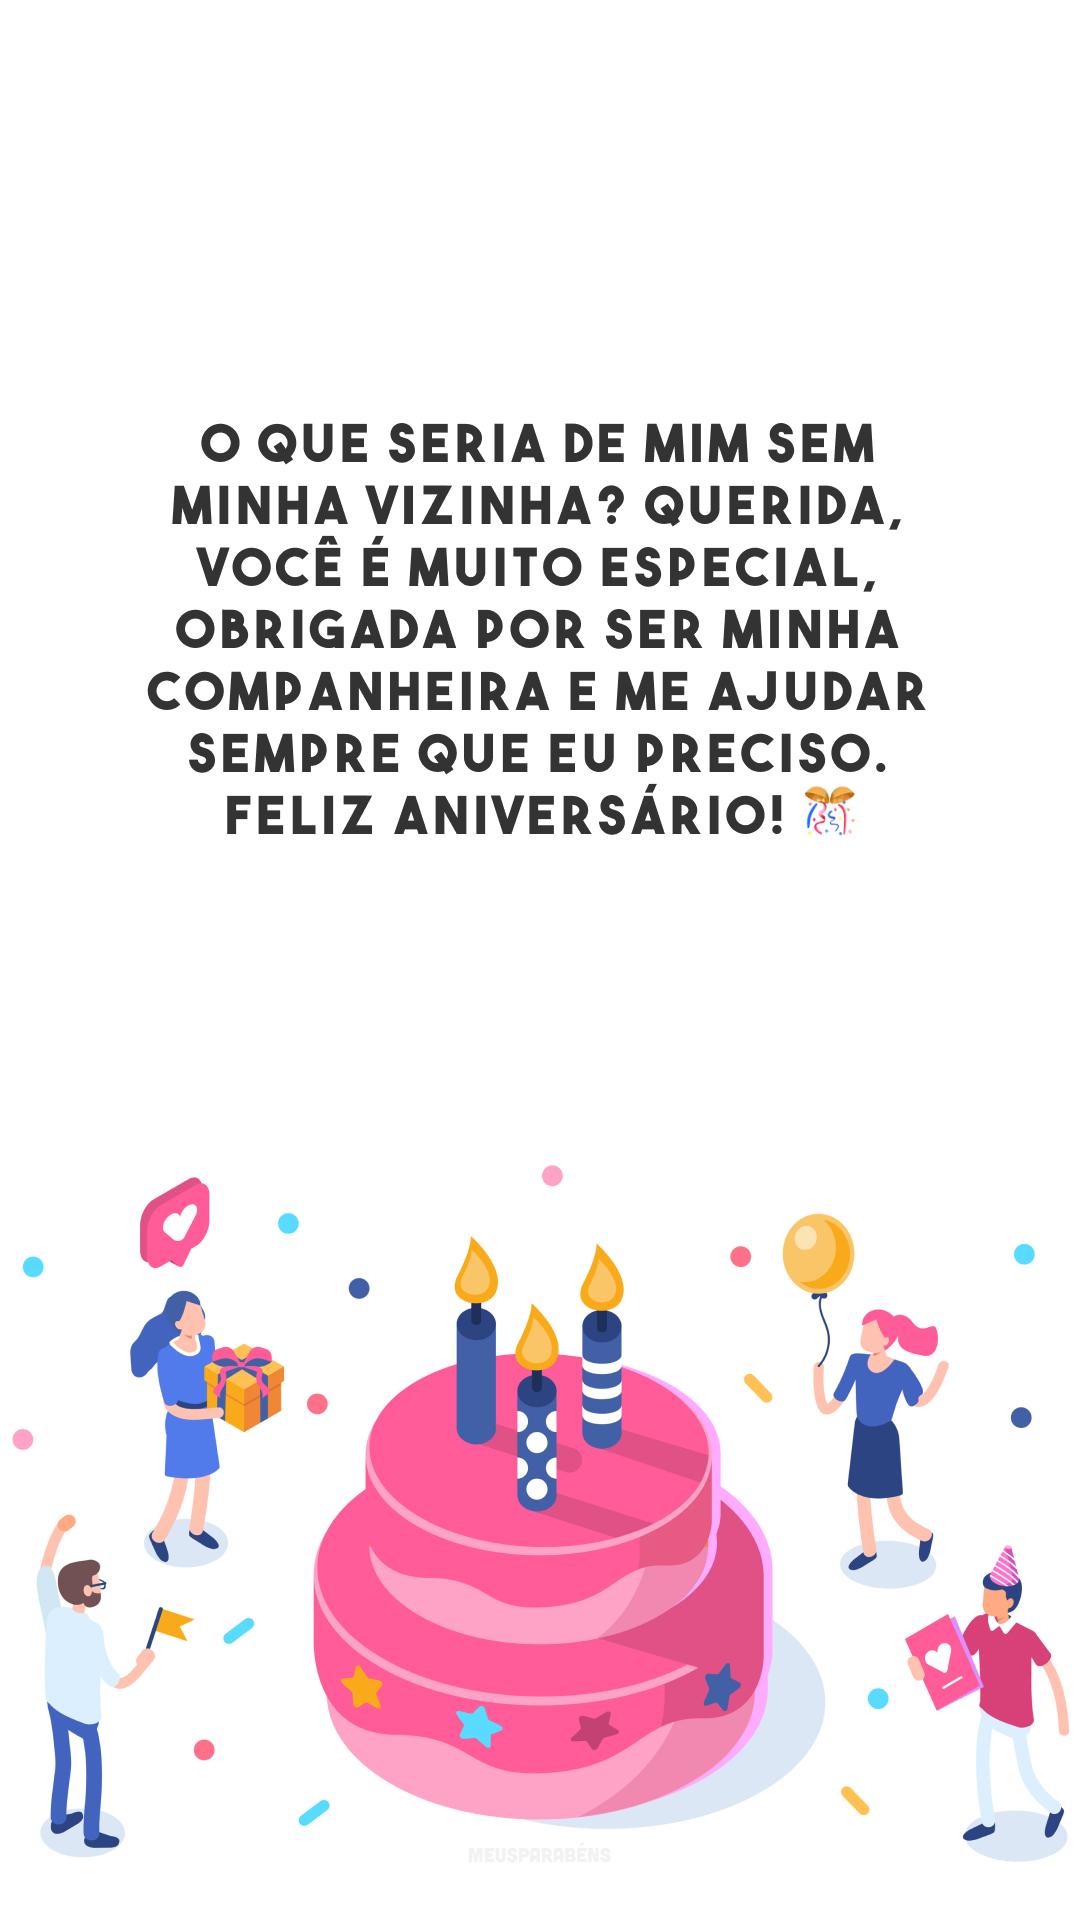 O que seria de mim sem minha vizinha? Querida, você é muito especial, obrigada por ser minha companheira e me ajudar sempre que eu preciso. Feliz aniversário! 🎊